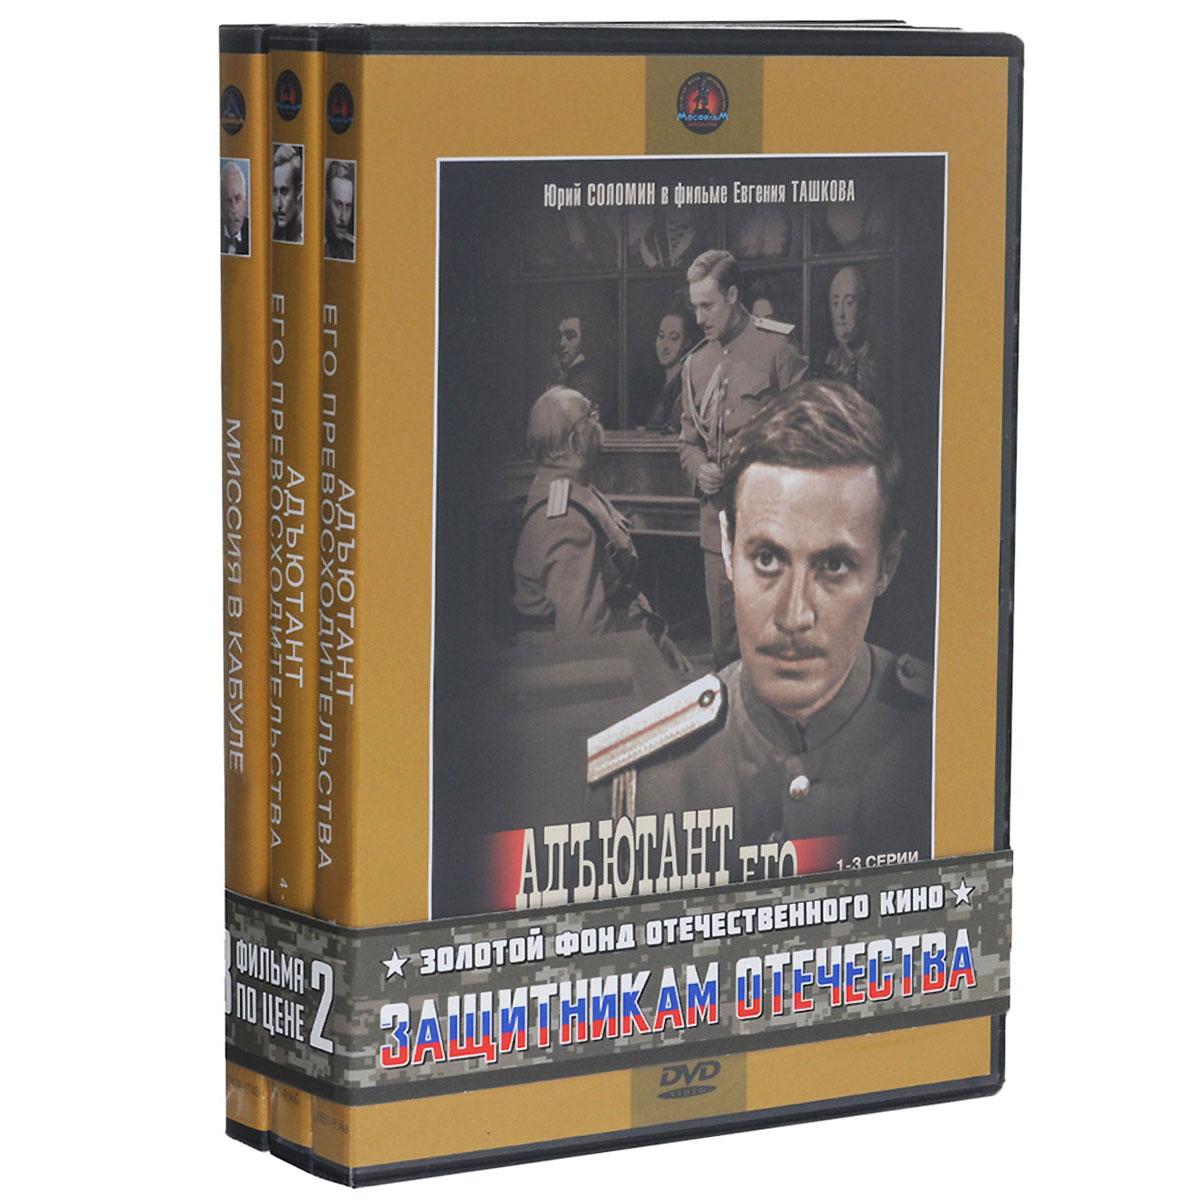 Защитникам отечества: Адъютант его превосходительства. 1-5 серии 2DVD / Миссия в Кабуле. 1-2 серии (3 DVD) миссия в кабуле